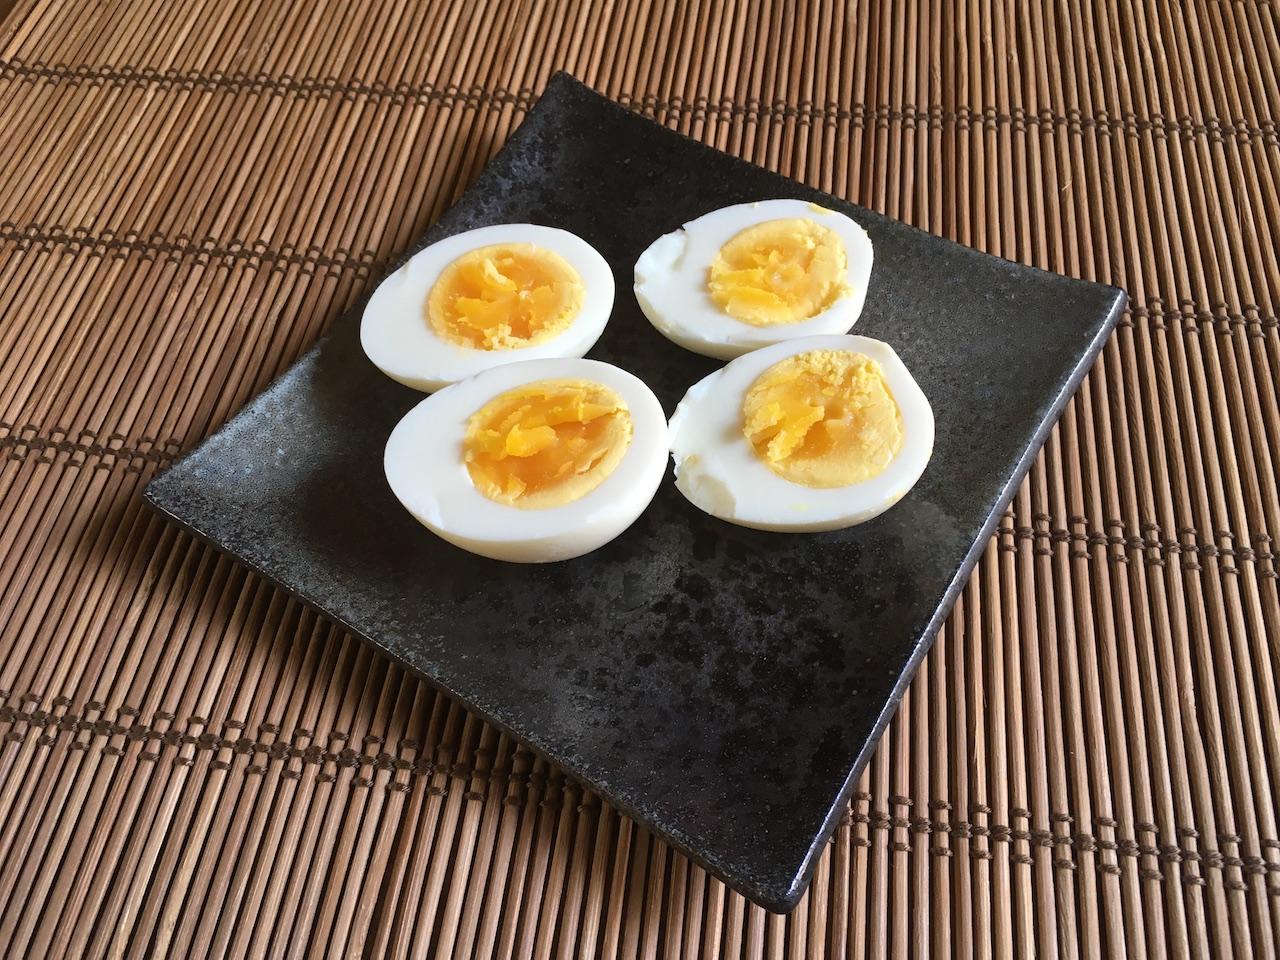 ゆで卵のぬか漬けを皿に盛る